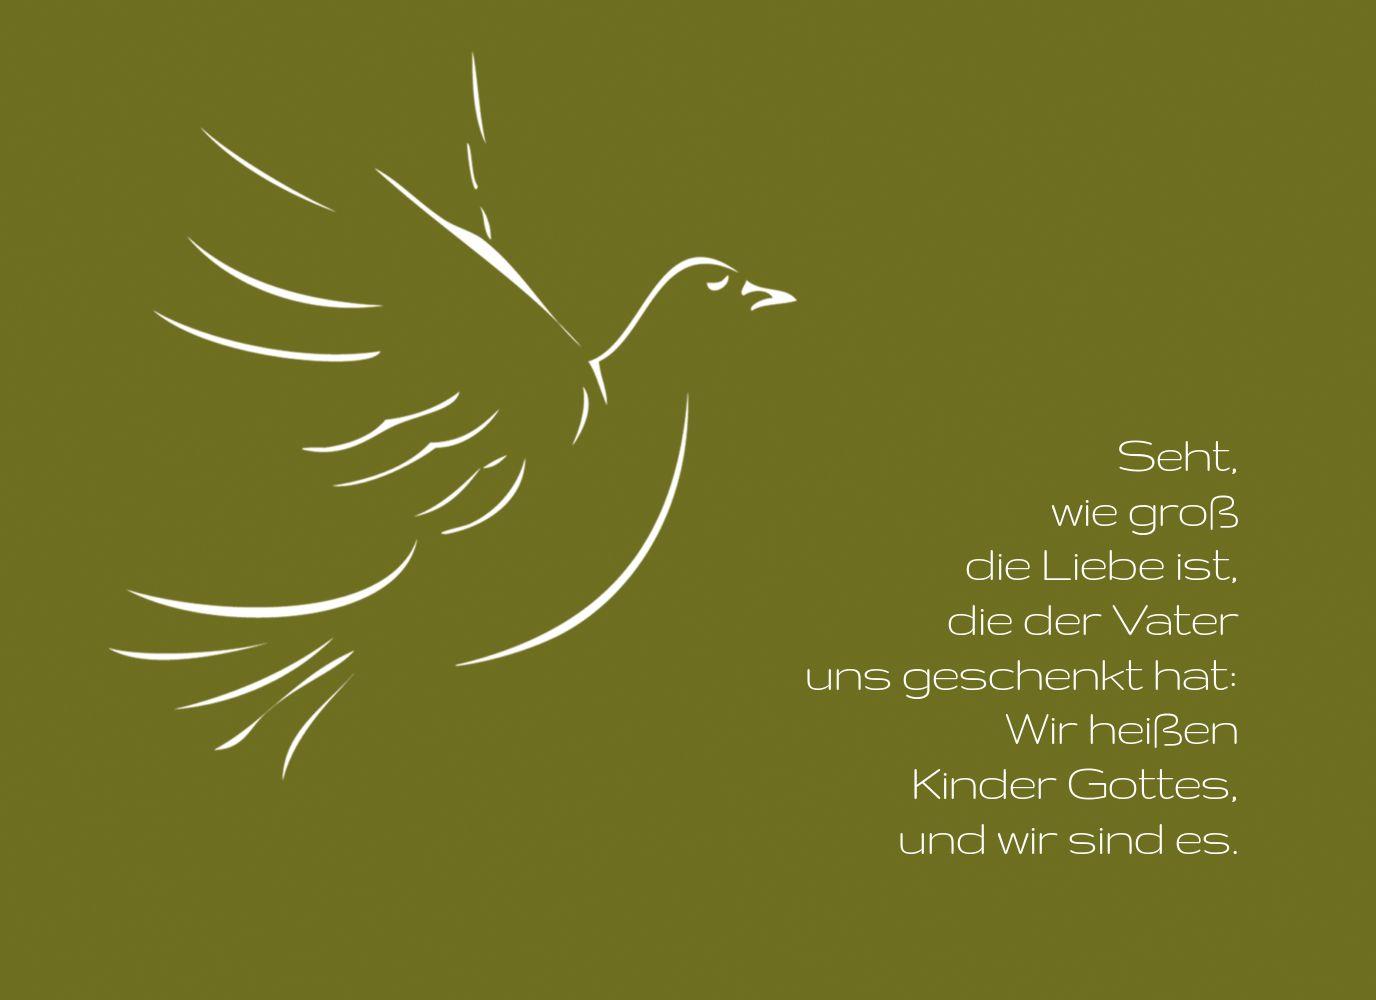 Ansicht 3 - Konfirmation Einladung Pigeon